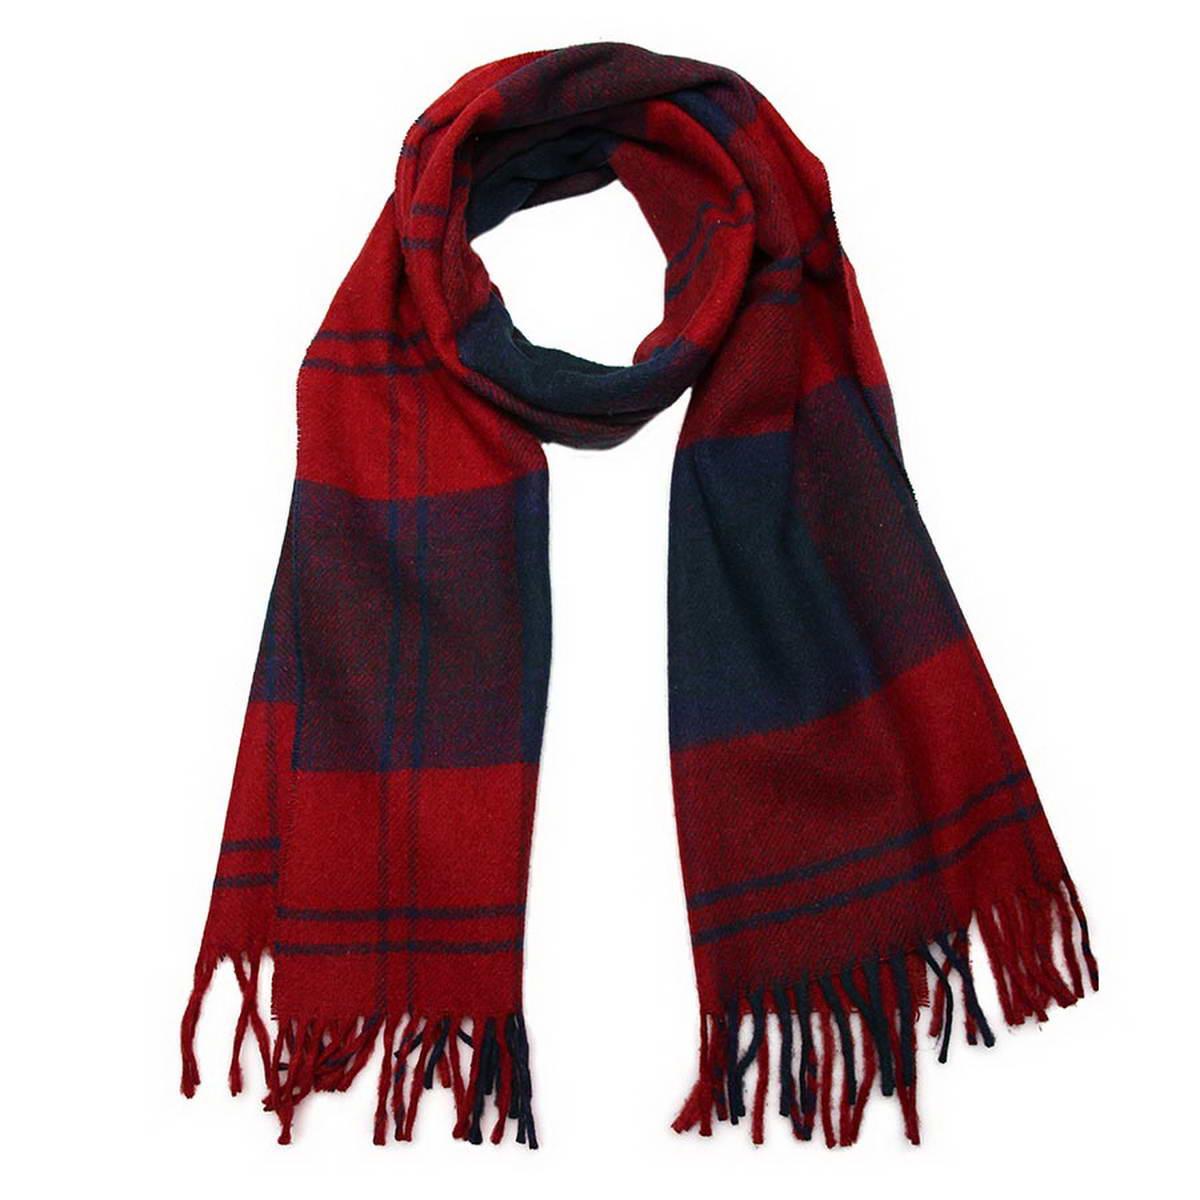 Шарф мужской. 5002532-155002532-15Элегантный мужской шарф Venera согреет вас в холодное время года, а также станет изысканным аксессуаром, который призван подчеркнуть ваш стиль и индивидуальность. Оригинальный теплый шарф выполнен из высококачественной шерстяной пряжи. Шарф оформлен узором в клетку и дополнен жгутиками по краю. Такой шарф станет превосходным дополнением к любому наряду, защитит вас от ветра и холода и позволит вам создать свой неповторимый стиль.